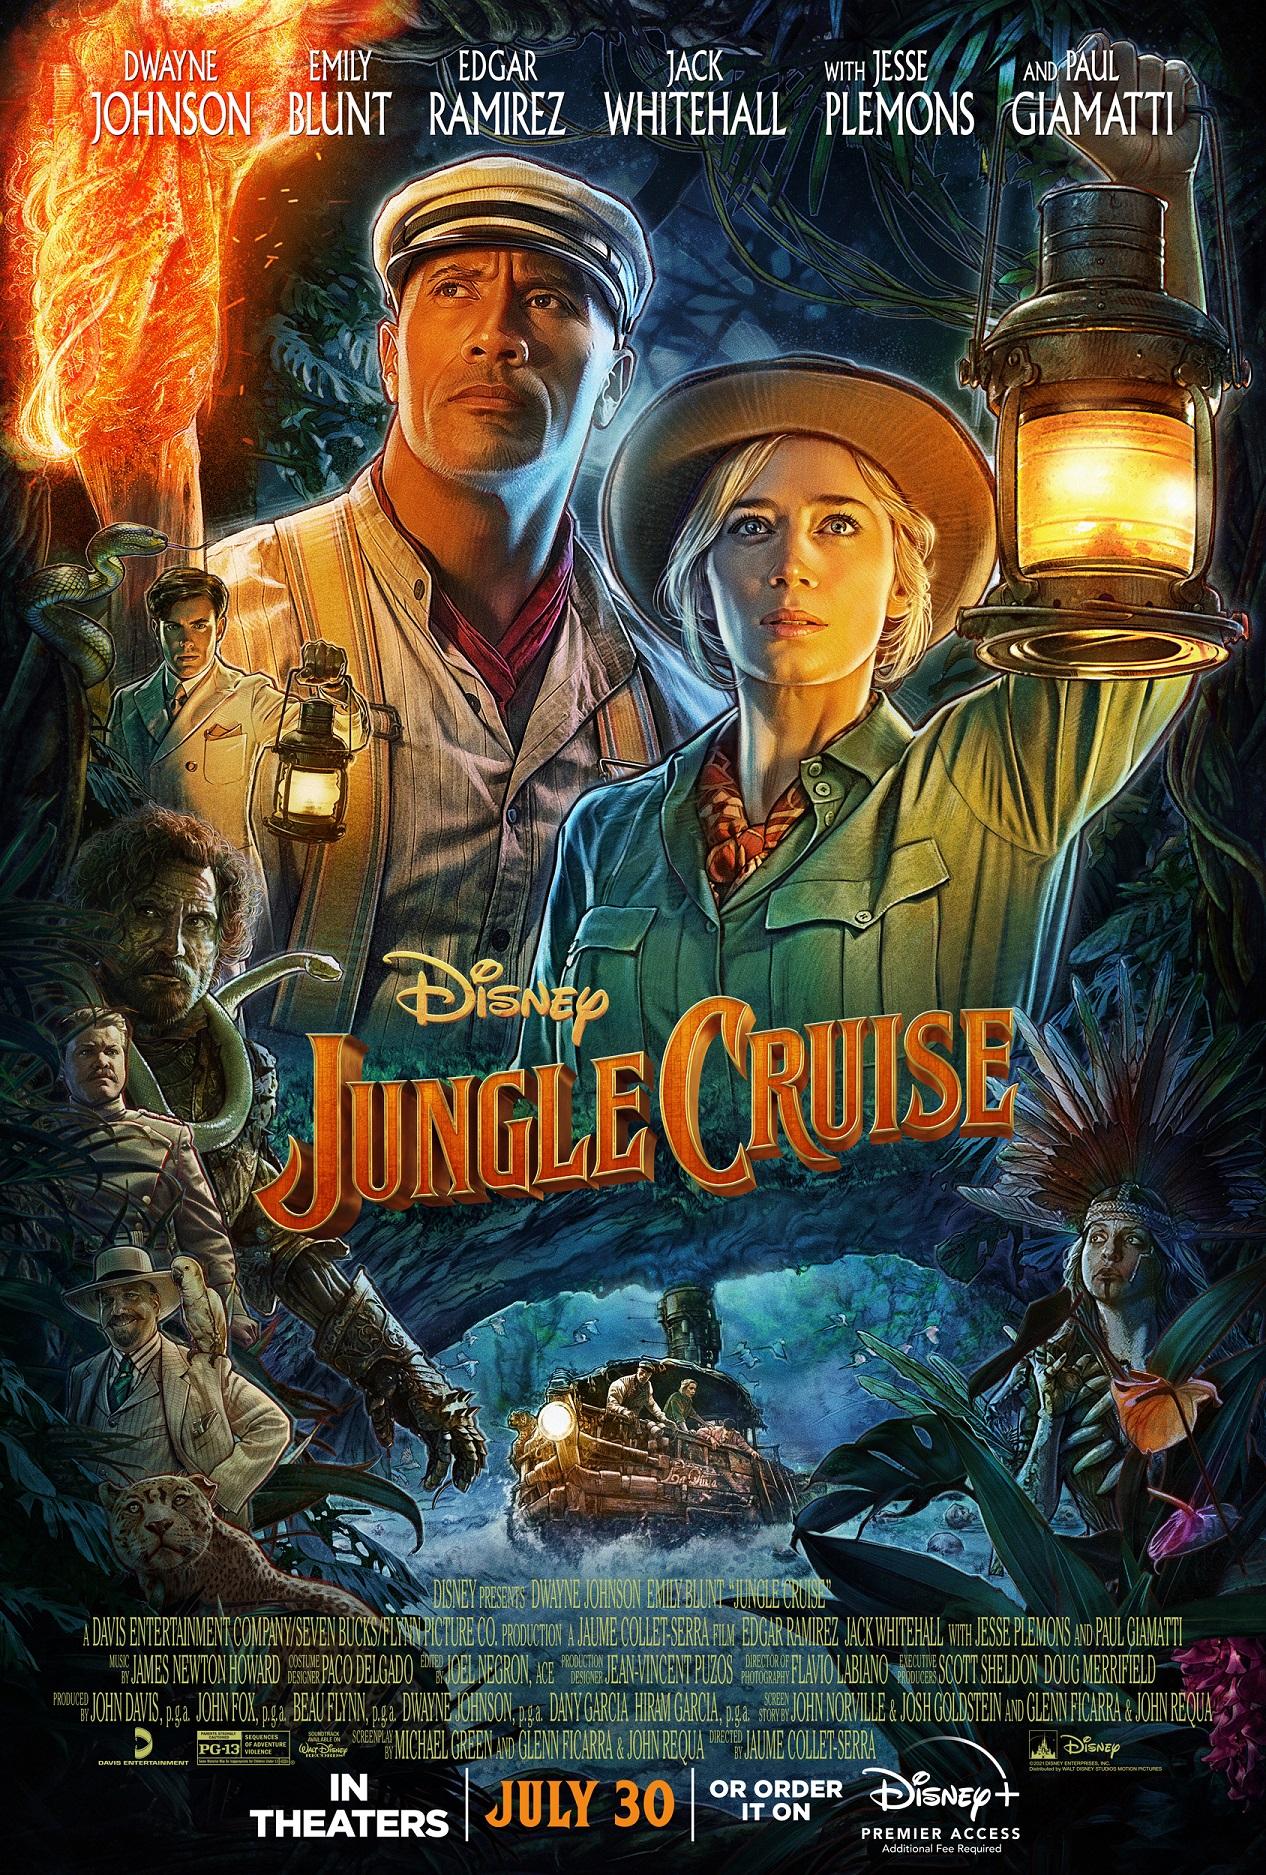 Capa do filme Jungle Cruise mostra os atores Dwayne Johnson e Emily Blunt com roupa de exploradores